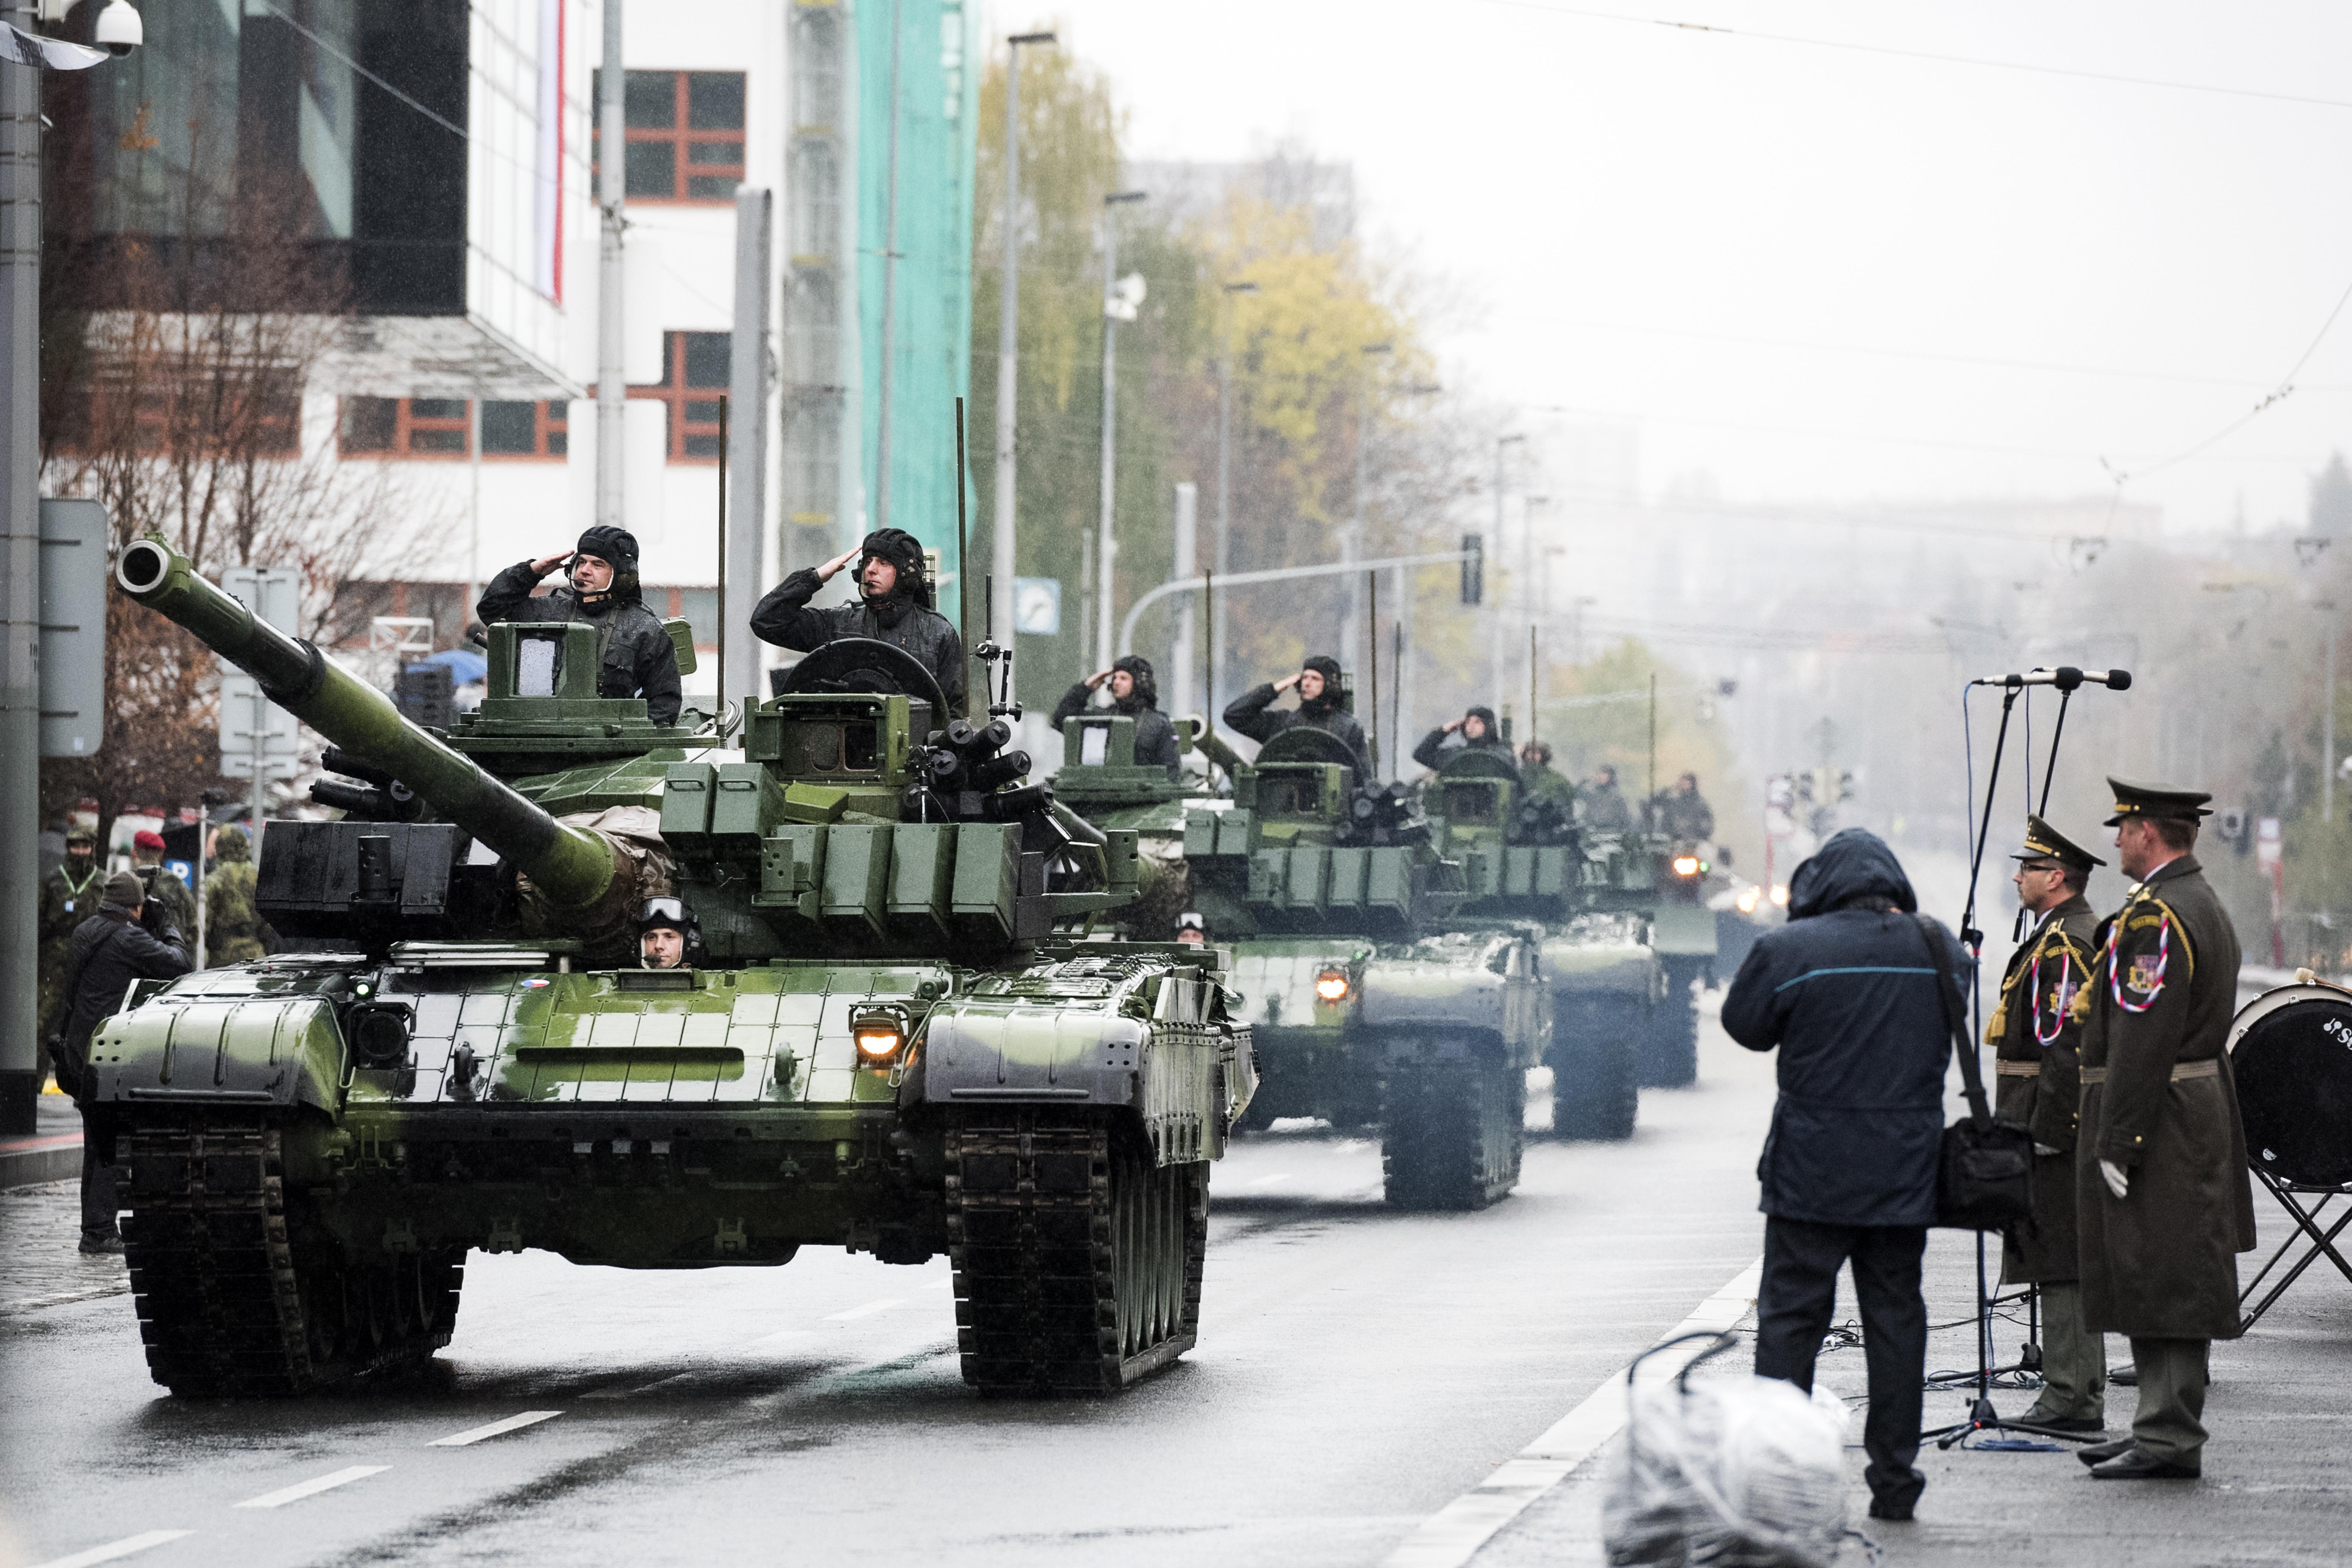 Přehlídka techniky i jednotek armády, Evropská třída, 28.10.2018